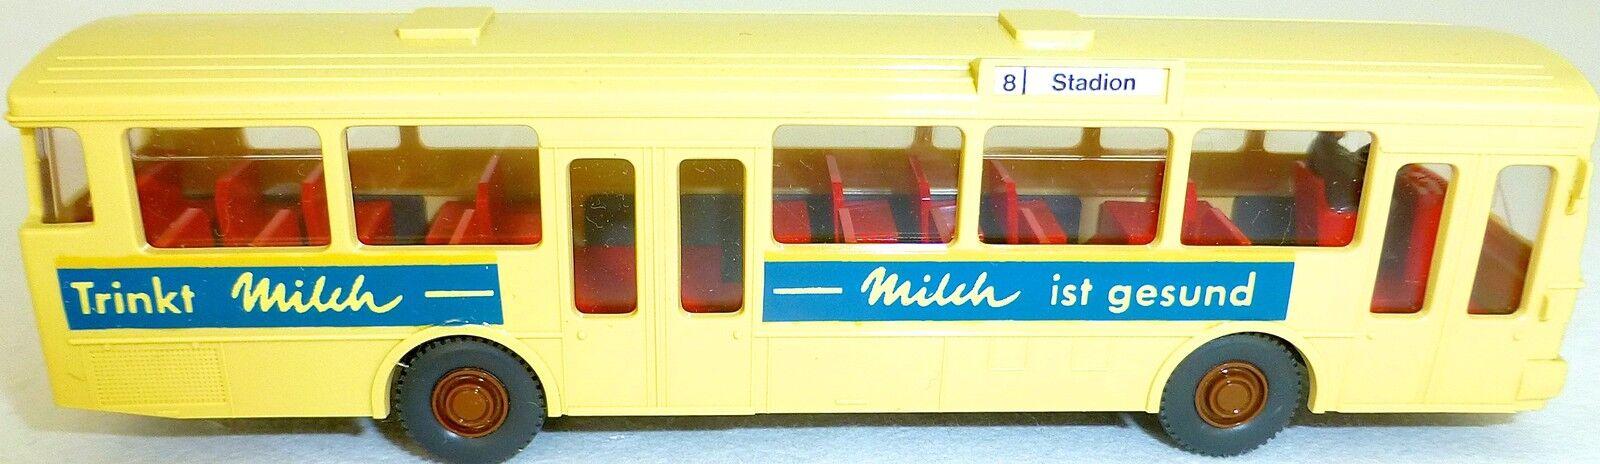 8 - stadion trinkt milch jedentag mb o305 gesupert aus wiking - bus nach gd4 å h0